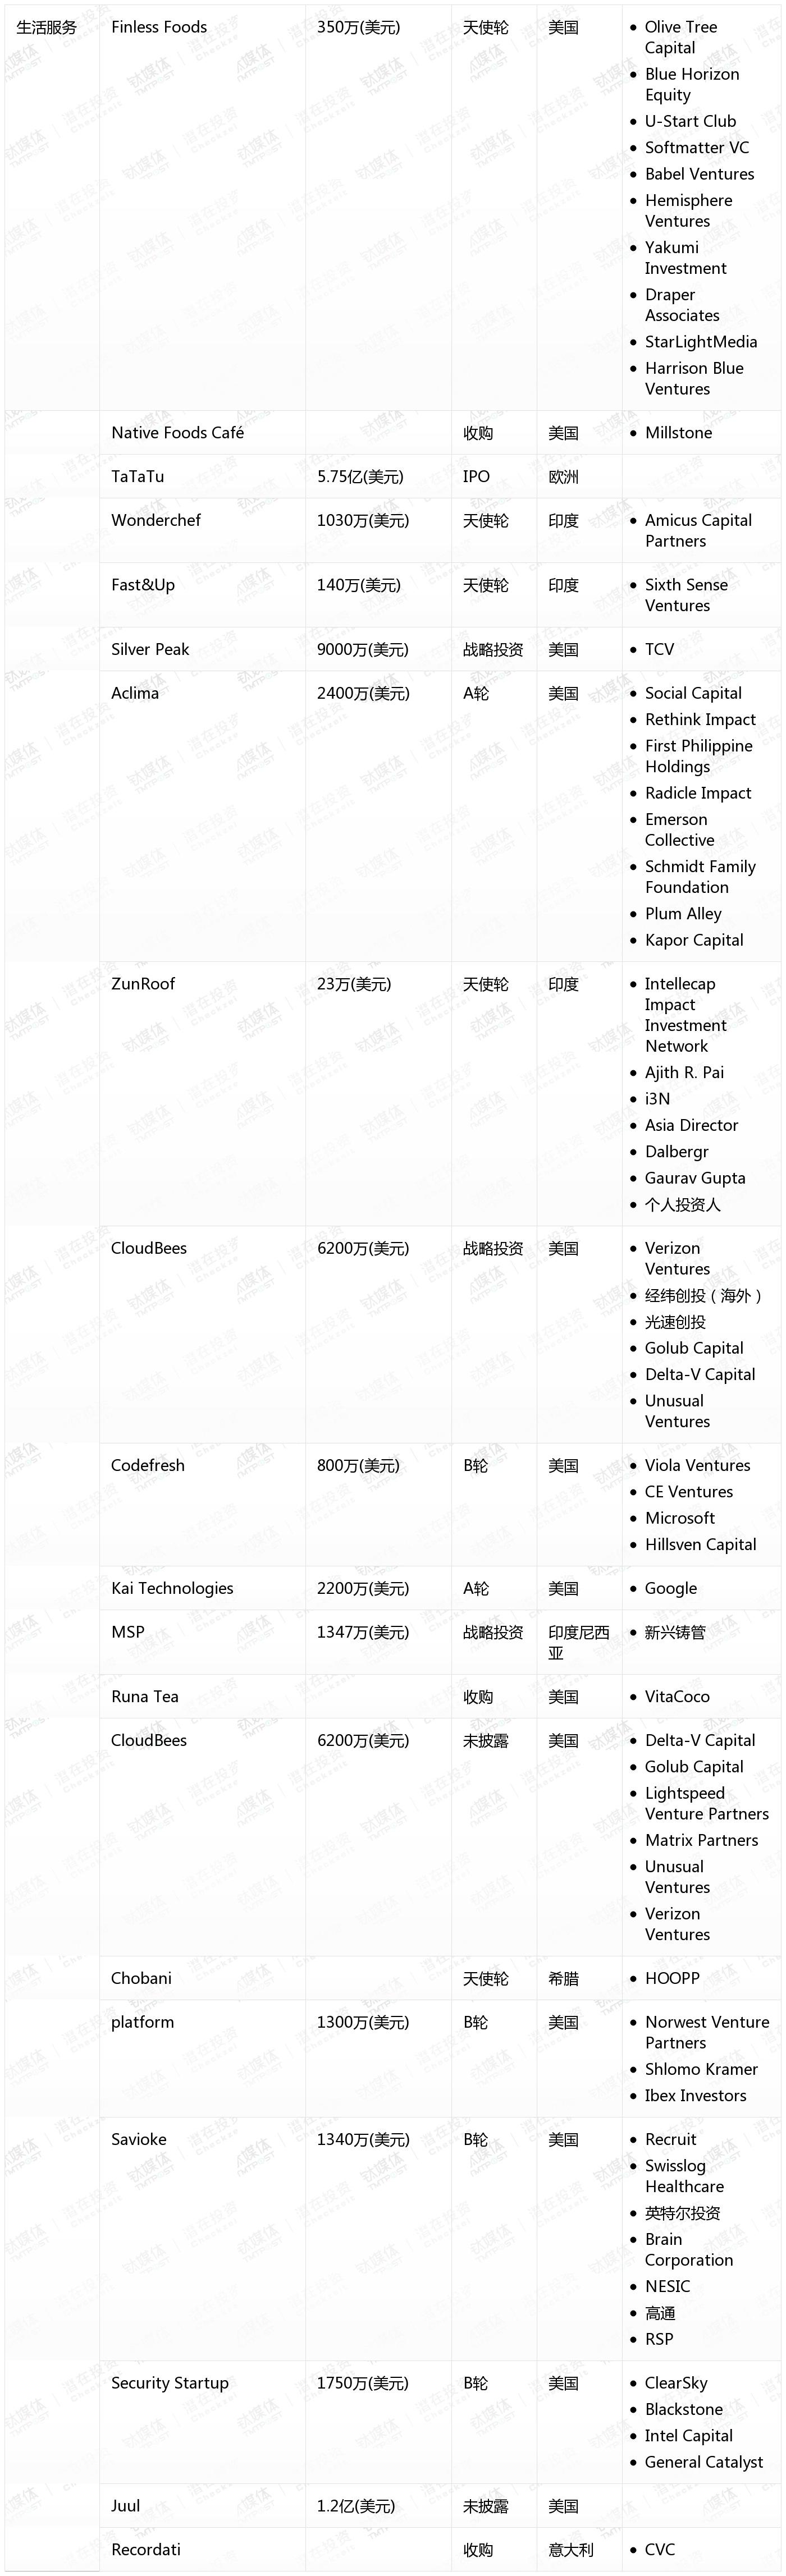 [国外融资一览]